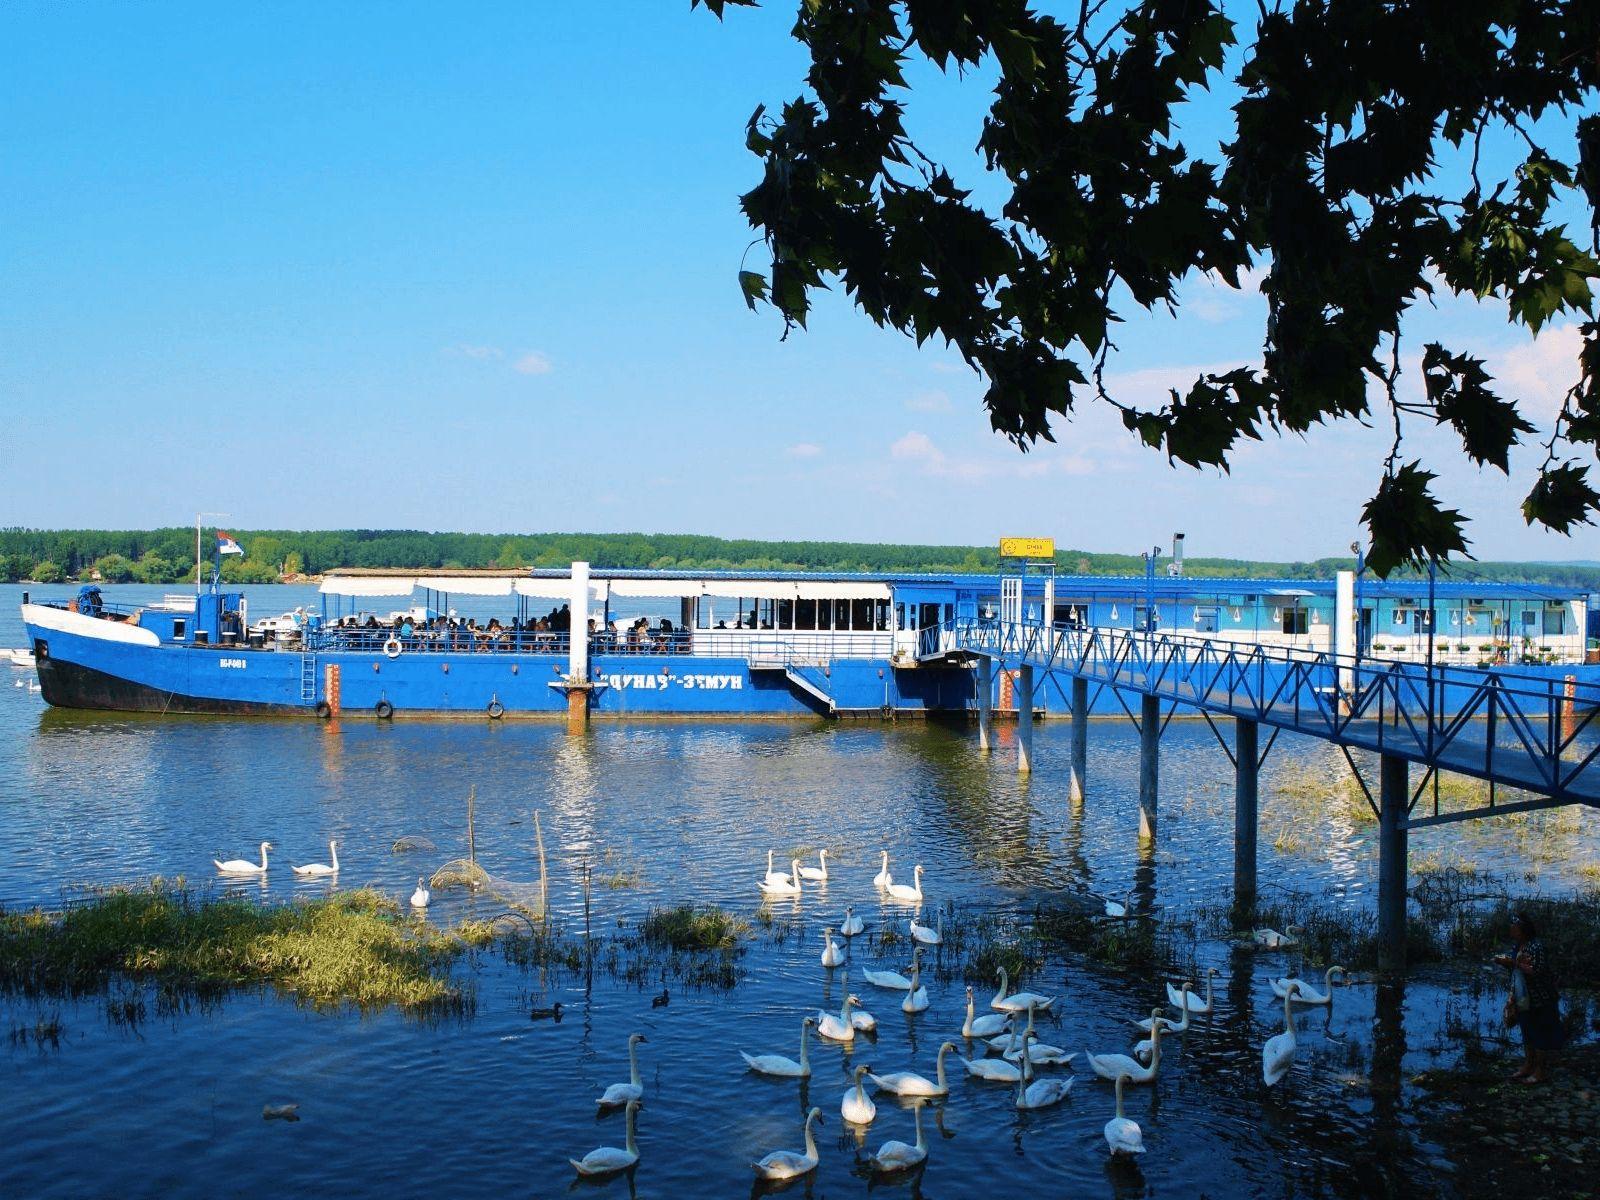 Beograd i Vojvodina: Beograd: krstarenje Dunavom i Savom